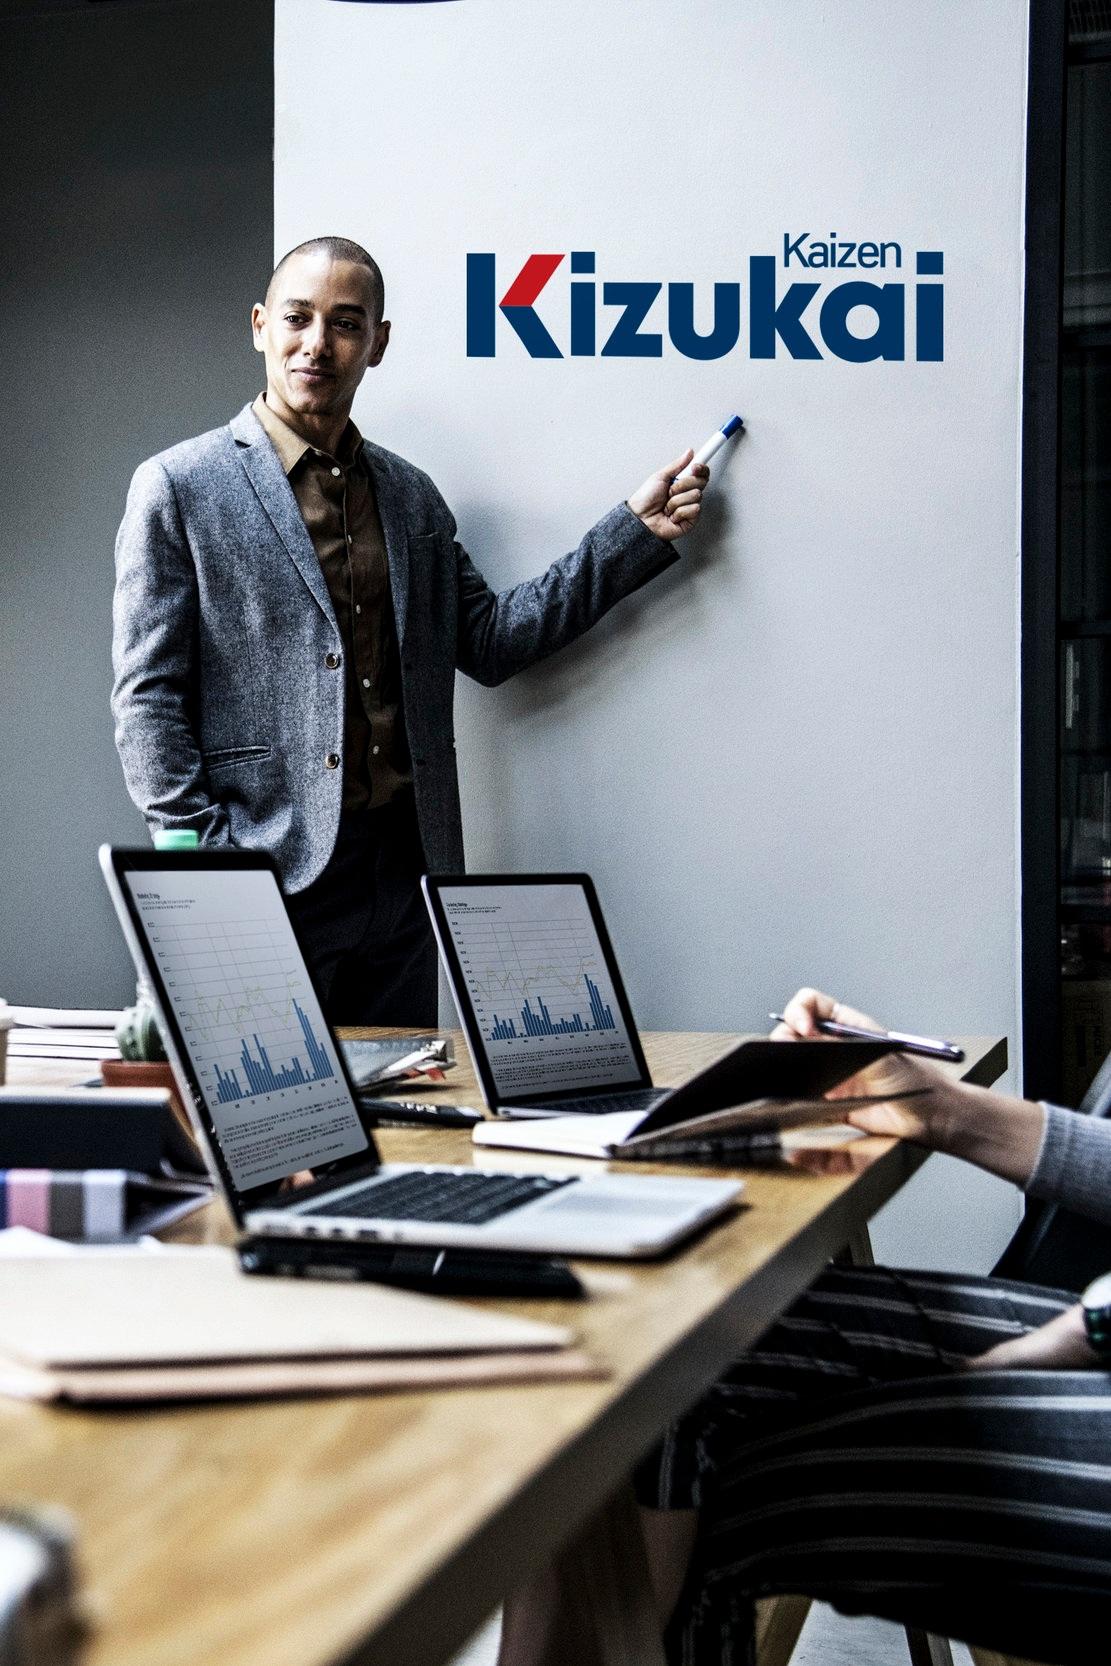 """Kizukai Kaizen, """"Estar consciente de la mejora"""", ha sido expuesta en América, Europa y Asia, así como en más de 1000 organizaciones mexicanas."""